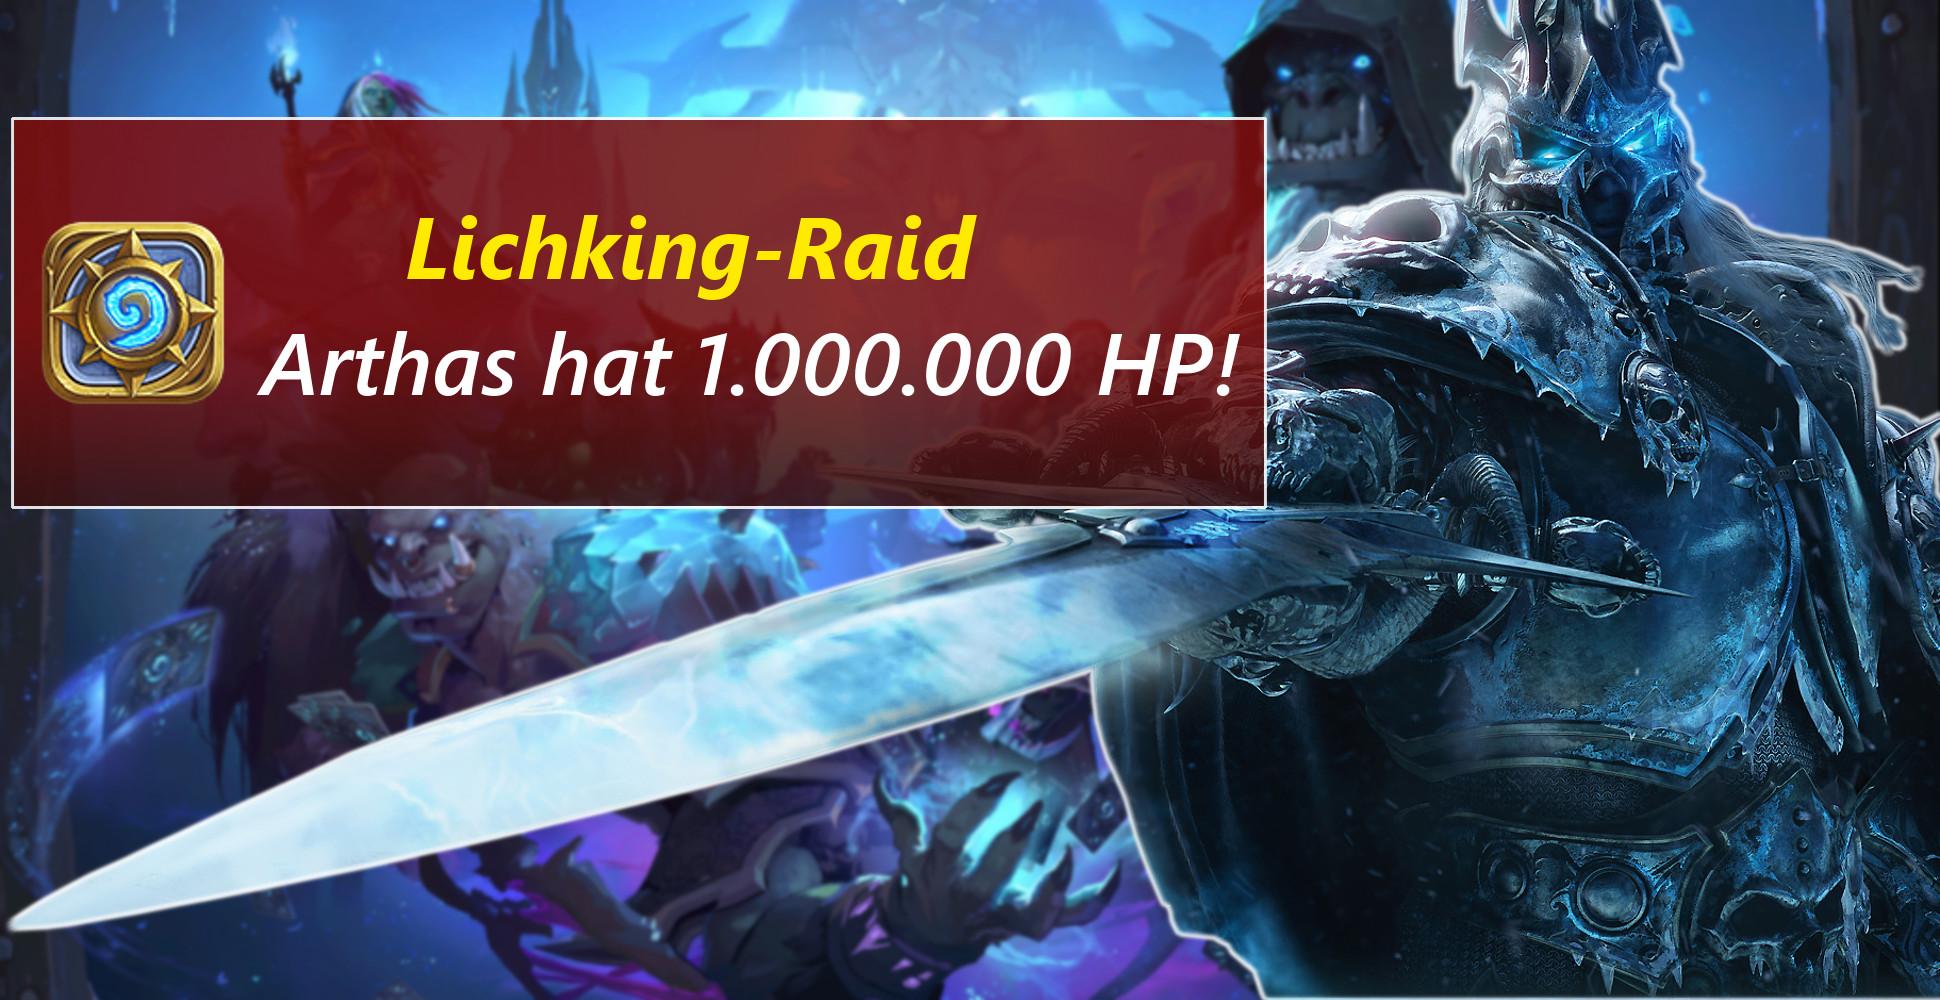 Der erste Raid in Hearthstone: Arthas hat 1 Millionen HP